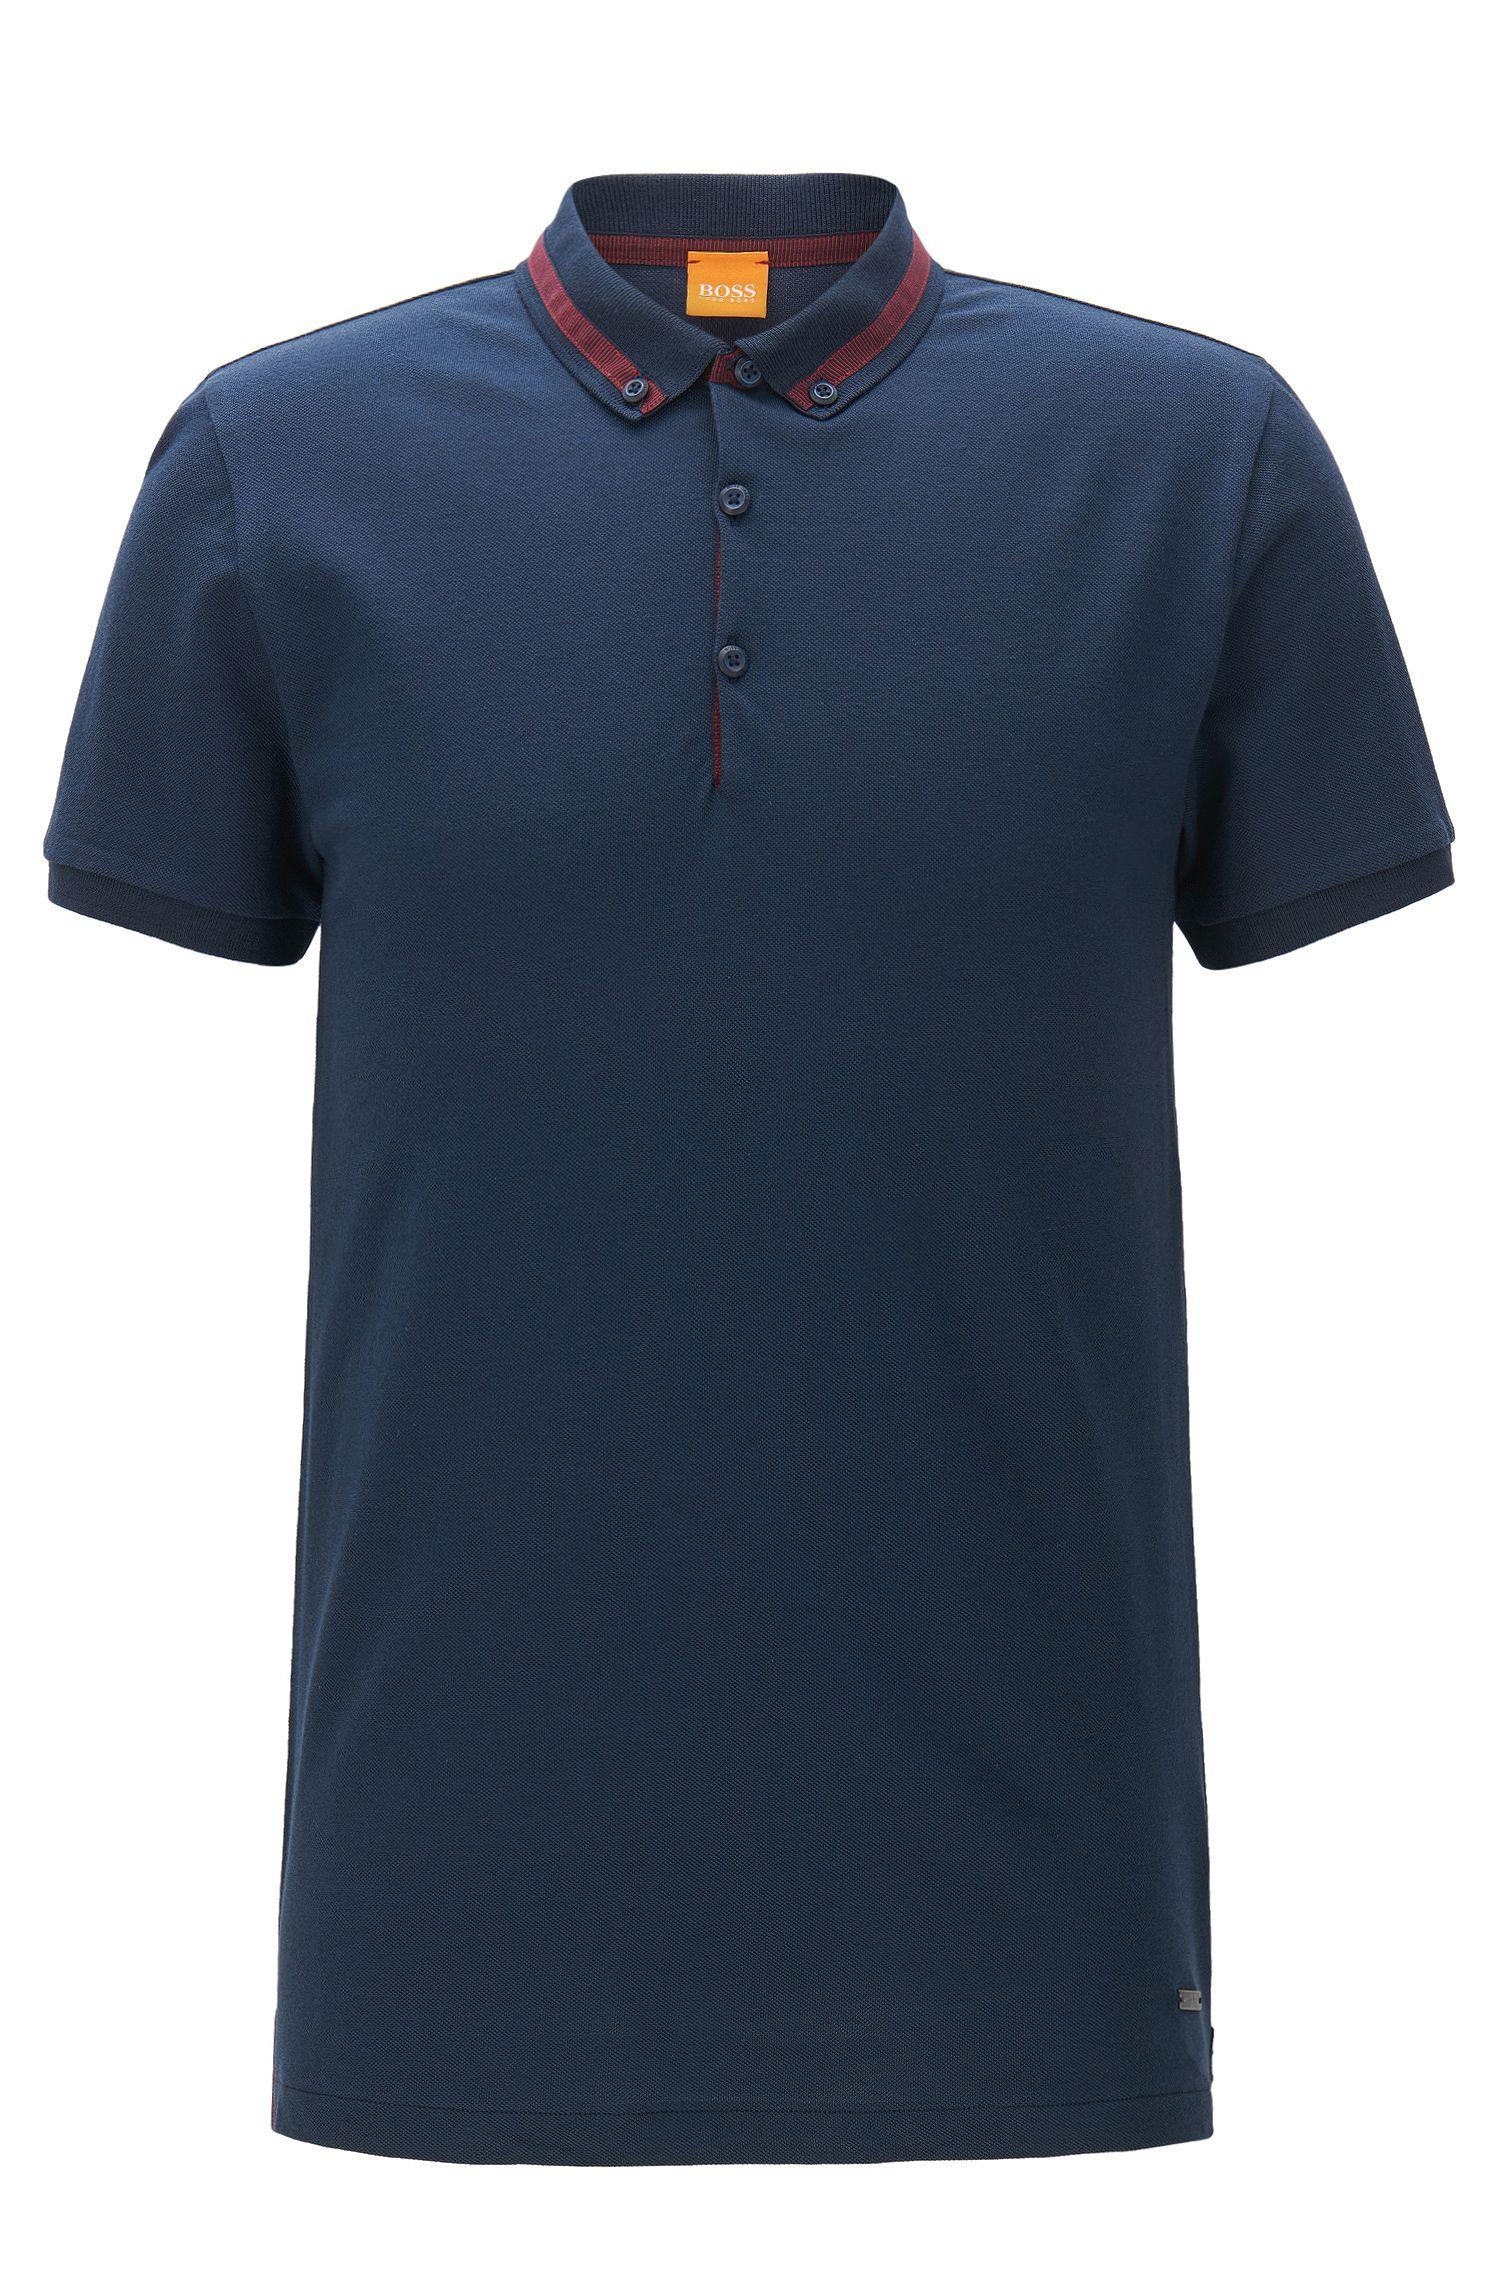 Cotton Piqué Polo Shirt, Regular Fit | Pejo